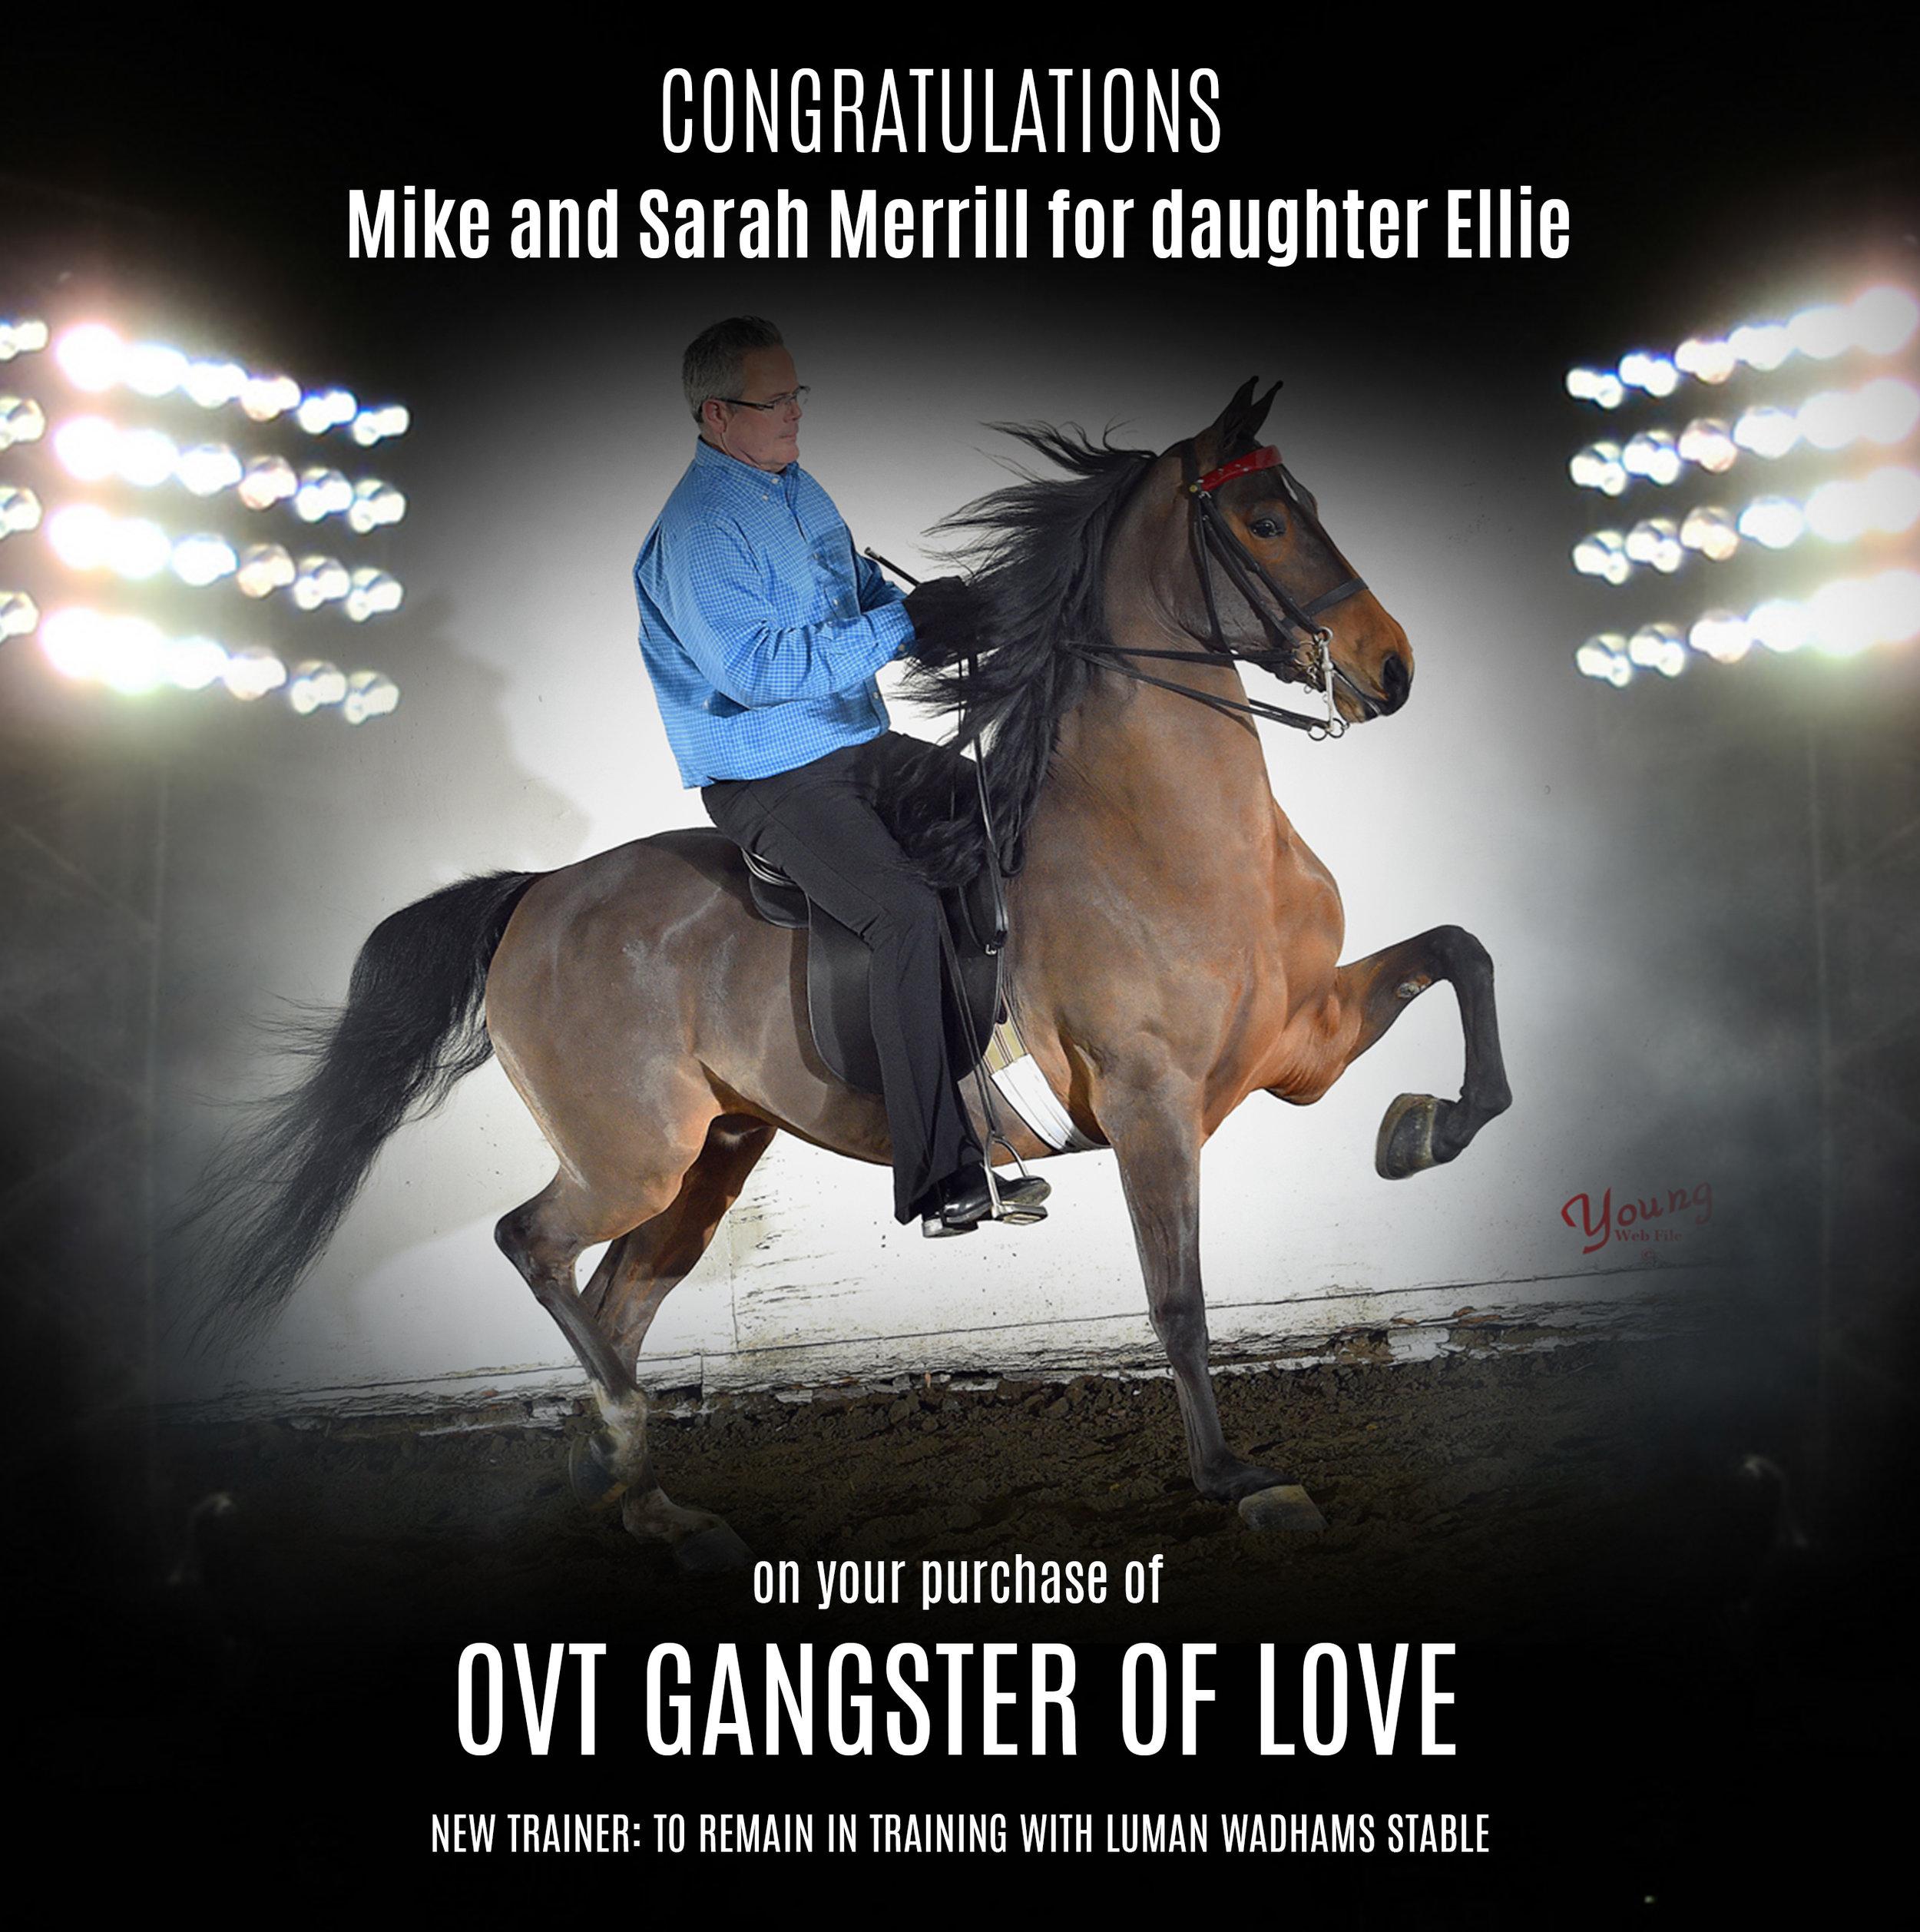 OVT Gangster Of Love.jpg